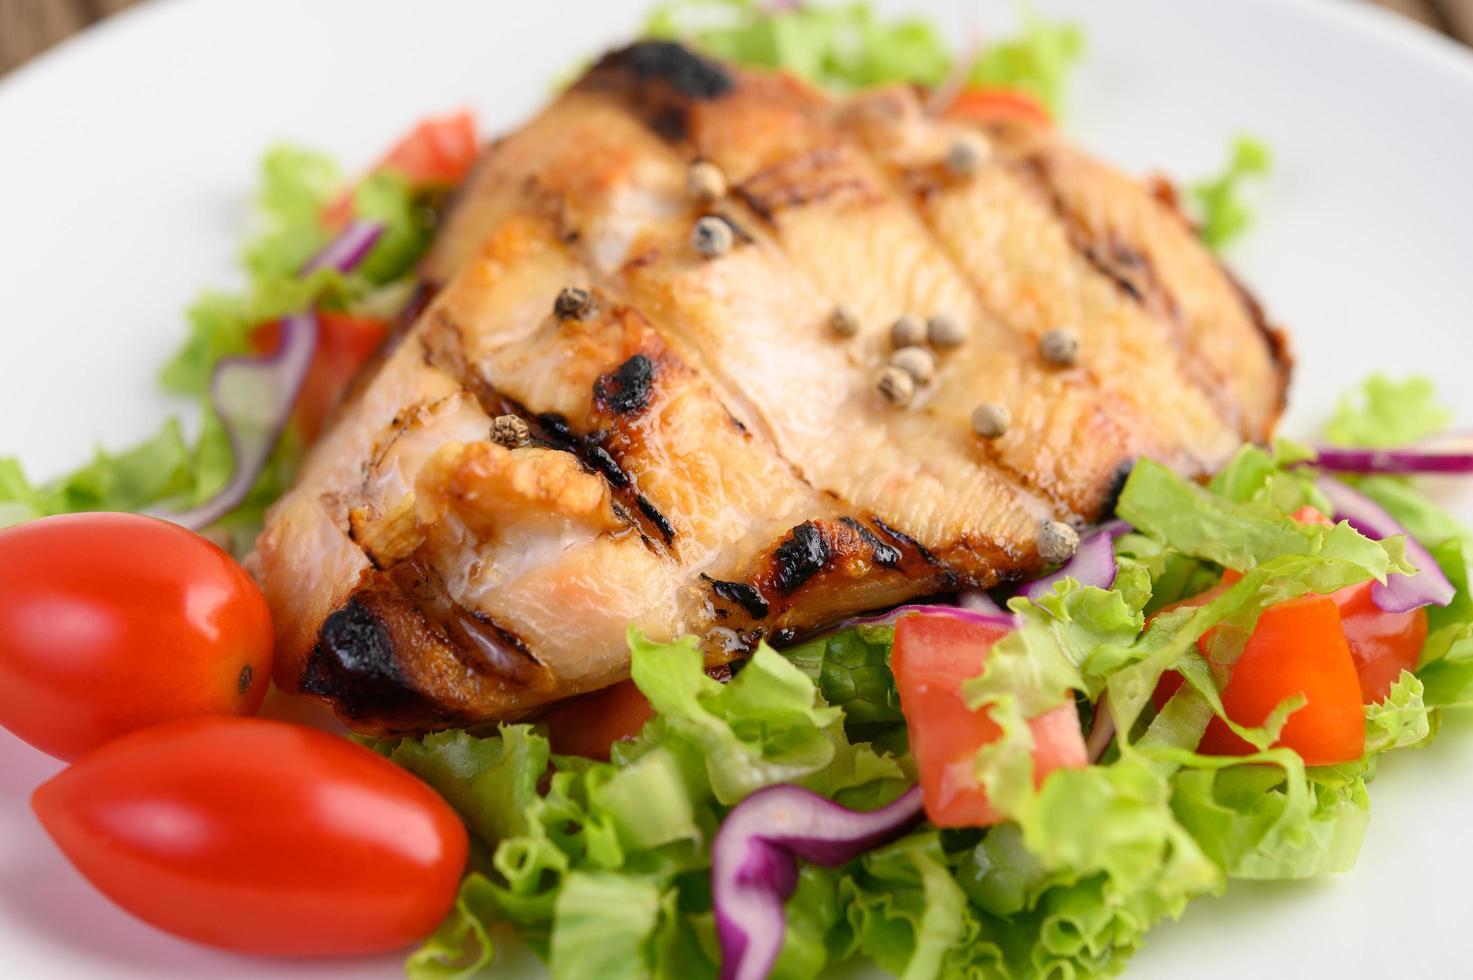 Gegrilltes Hähnchen mit Salat foto